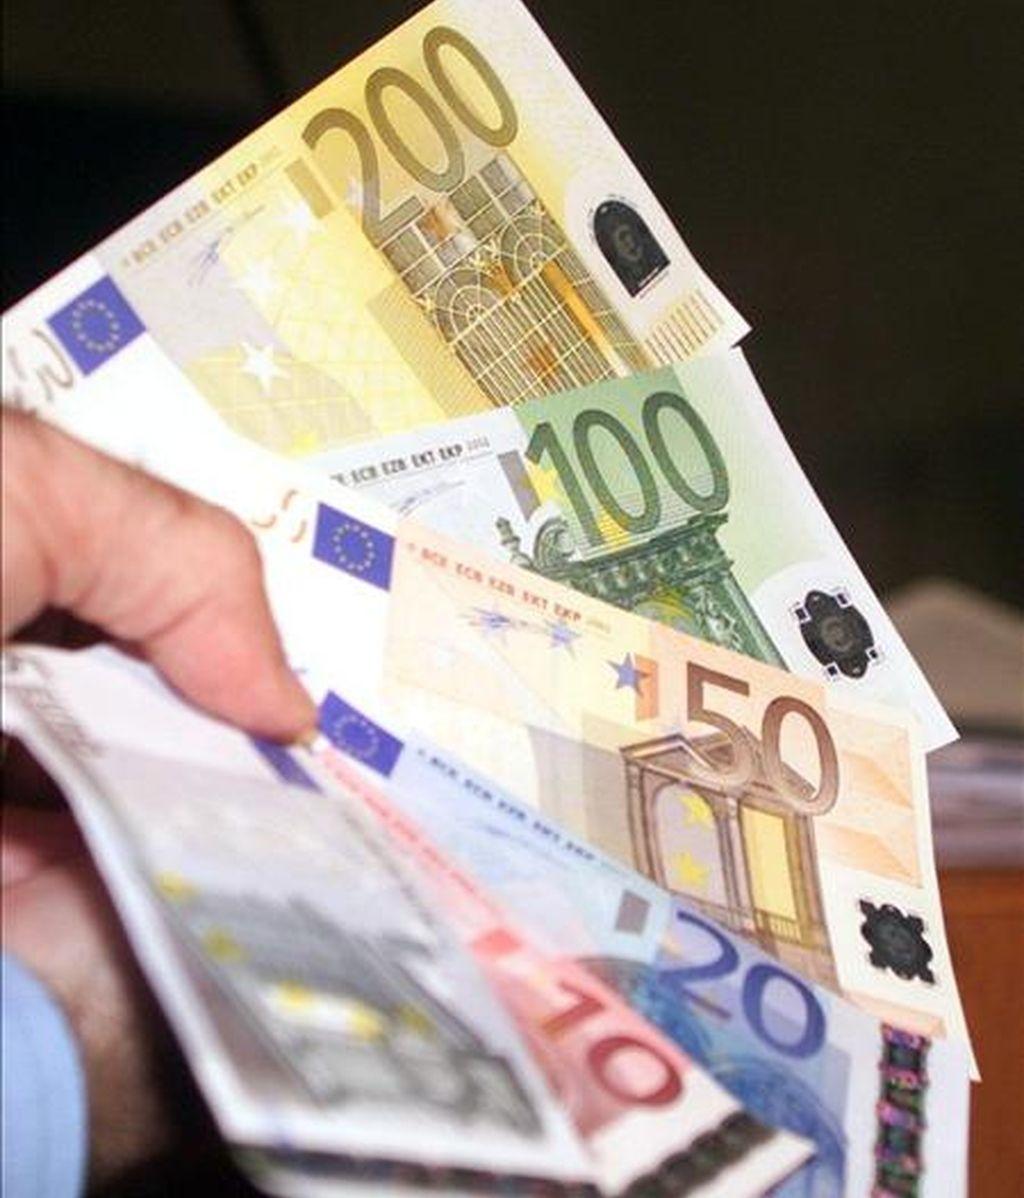 La presión fiscal sobre los tramos más altos de renta y sobre las sociedades disminuyó en la UE un 6,9% y un 8,4% respectivamente en los últimos ocho años, aunque en España el descenso fue más moderado, del 5% en ambos casos, según un informe presentado hoy por la Comisión Europea (CE). EFE/Archivo